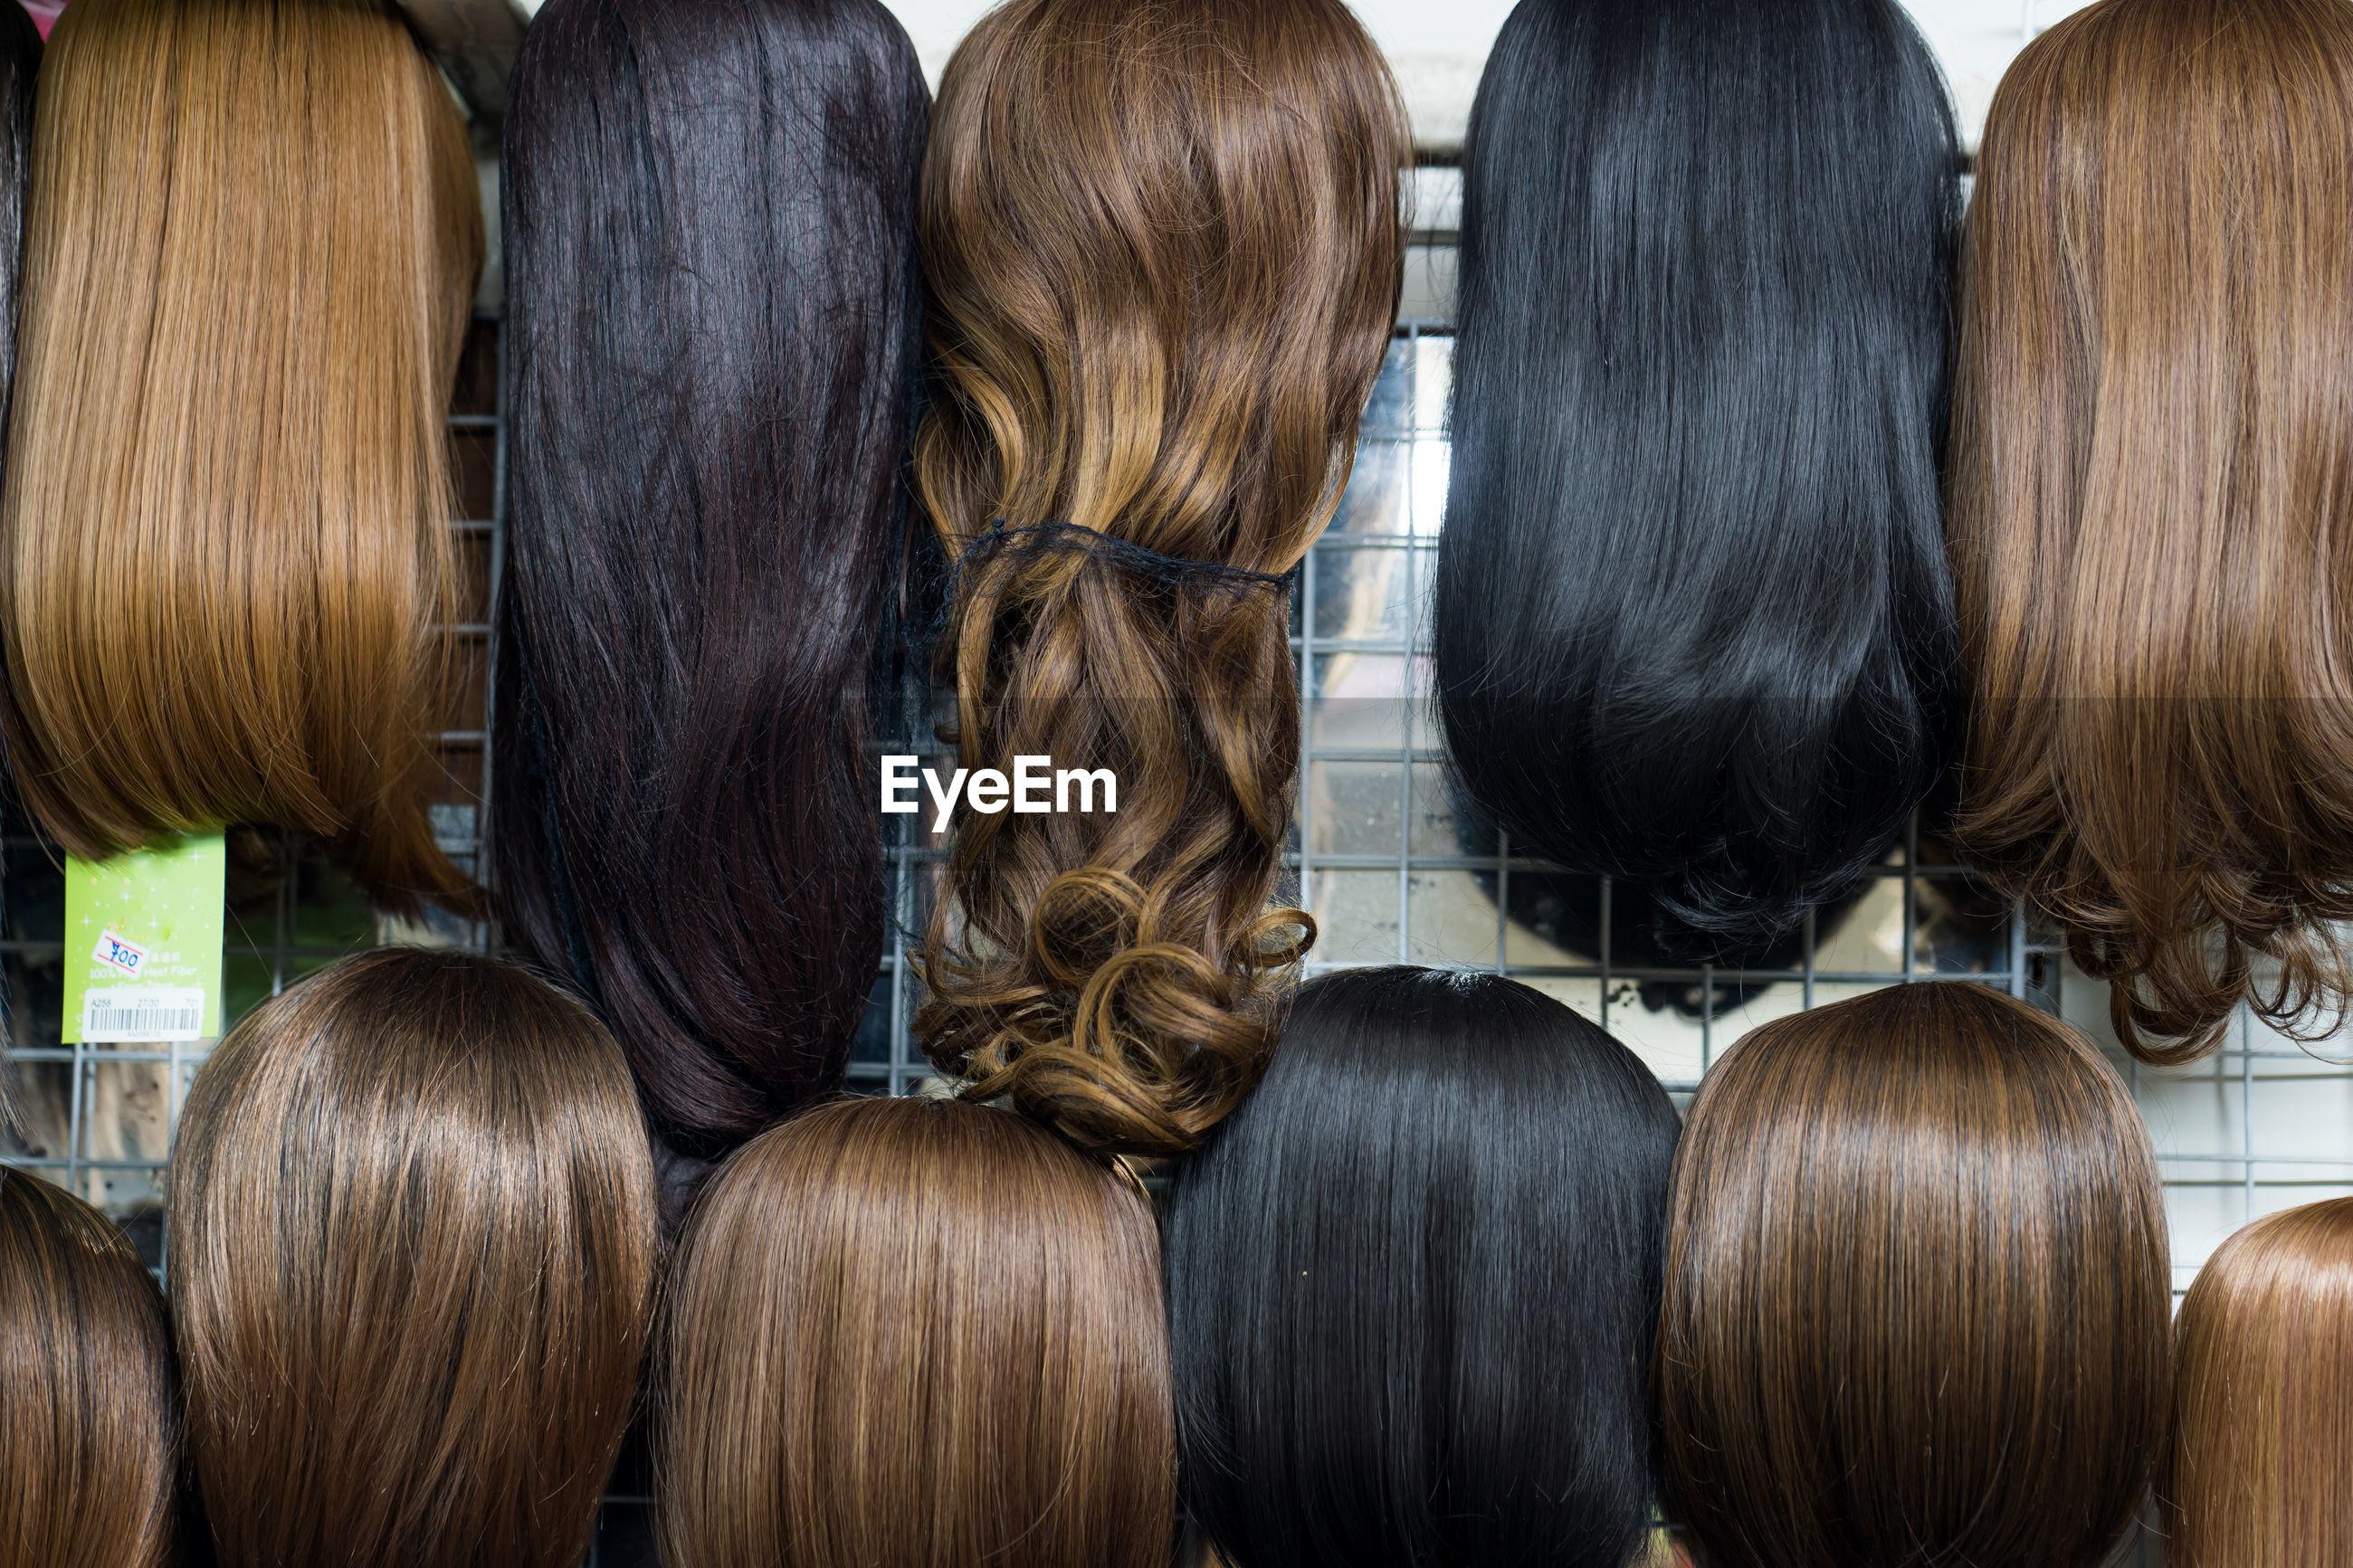 Hair arranged for sale